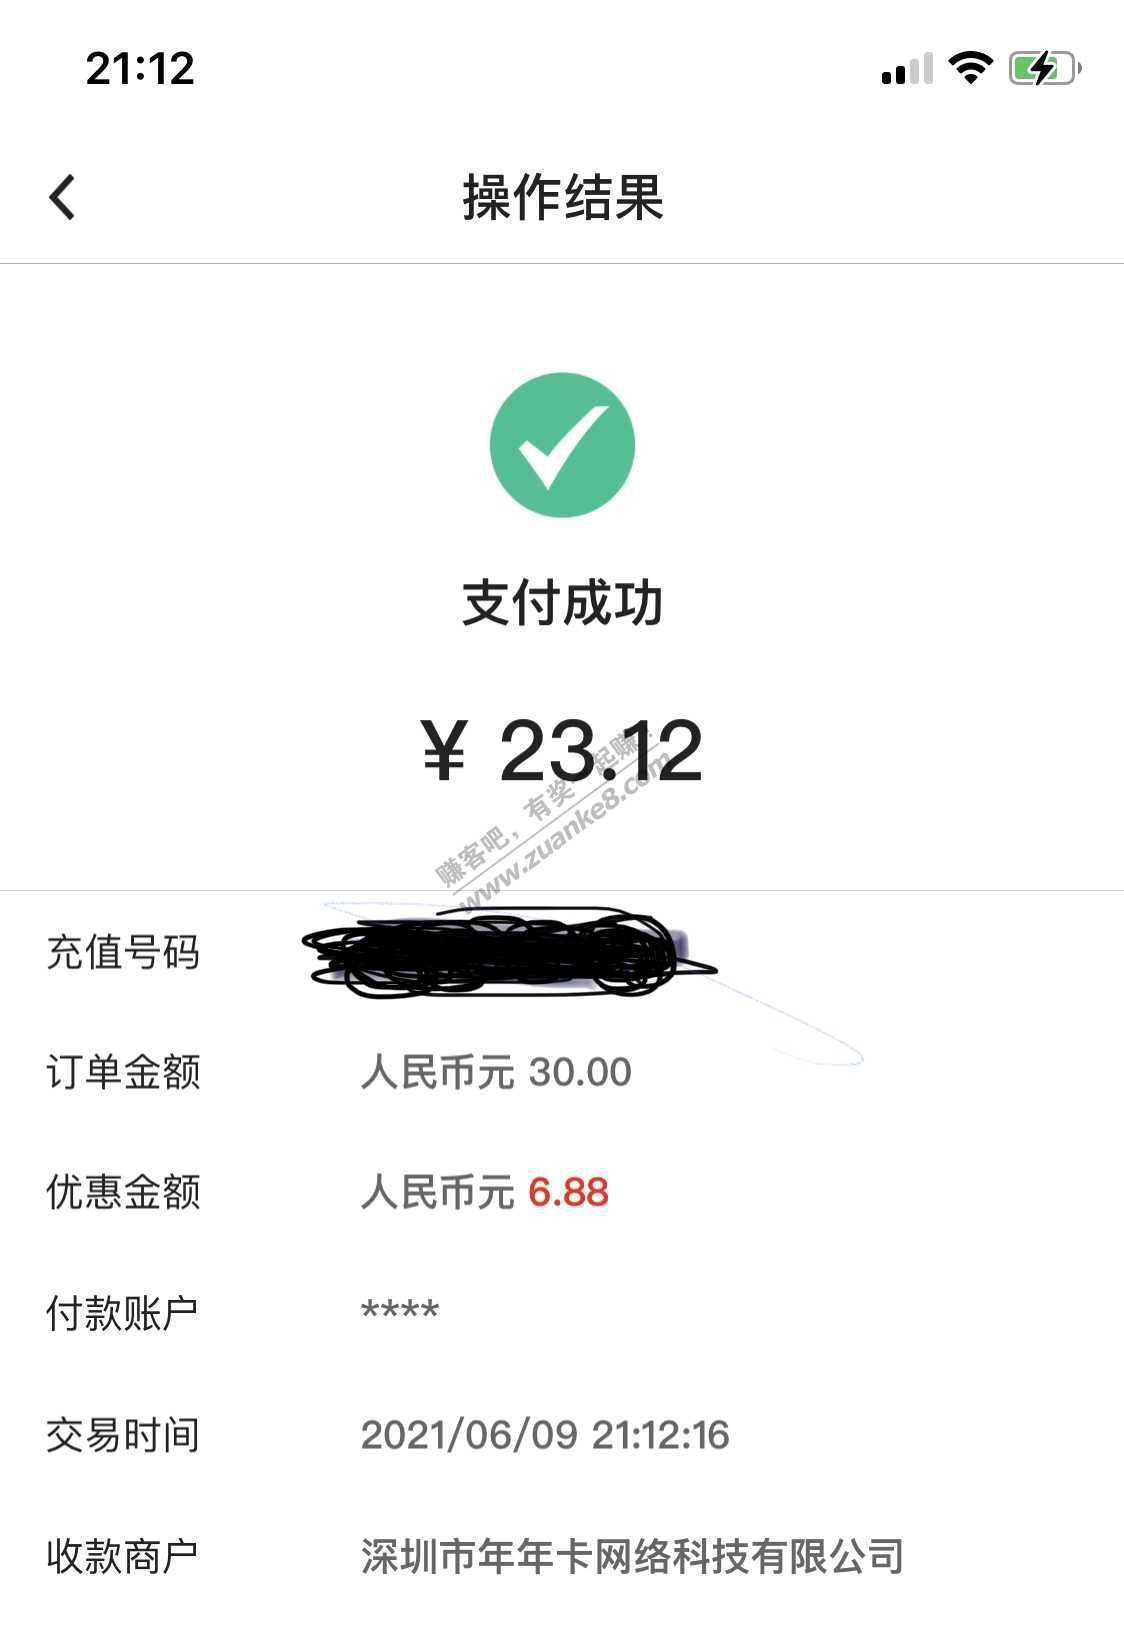 中国银行话费活动随机立减我的 23.12充30